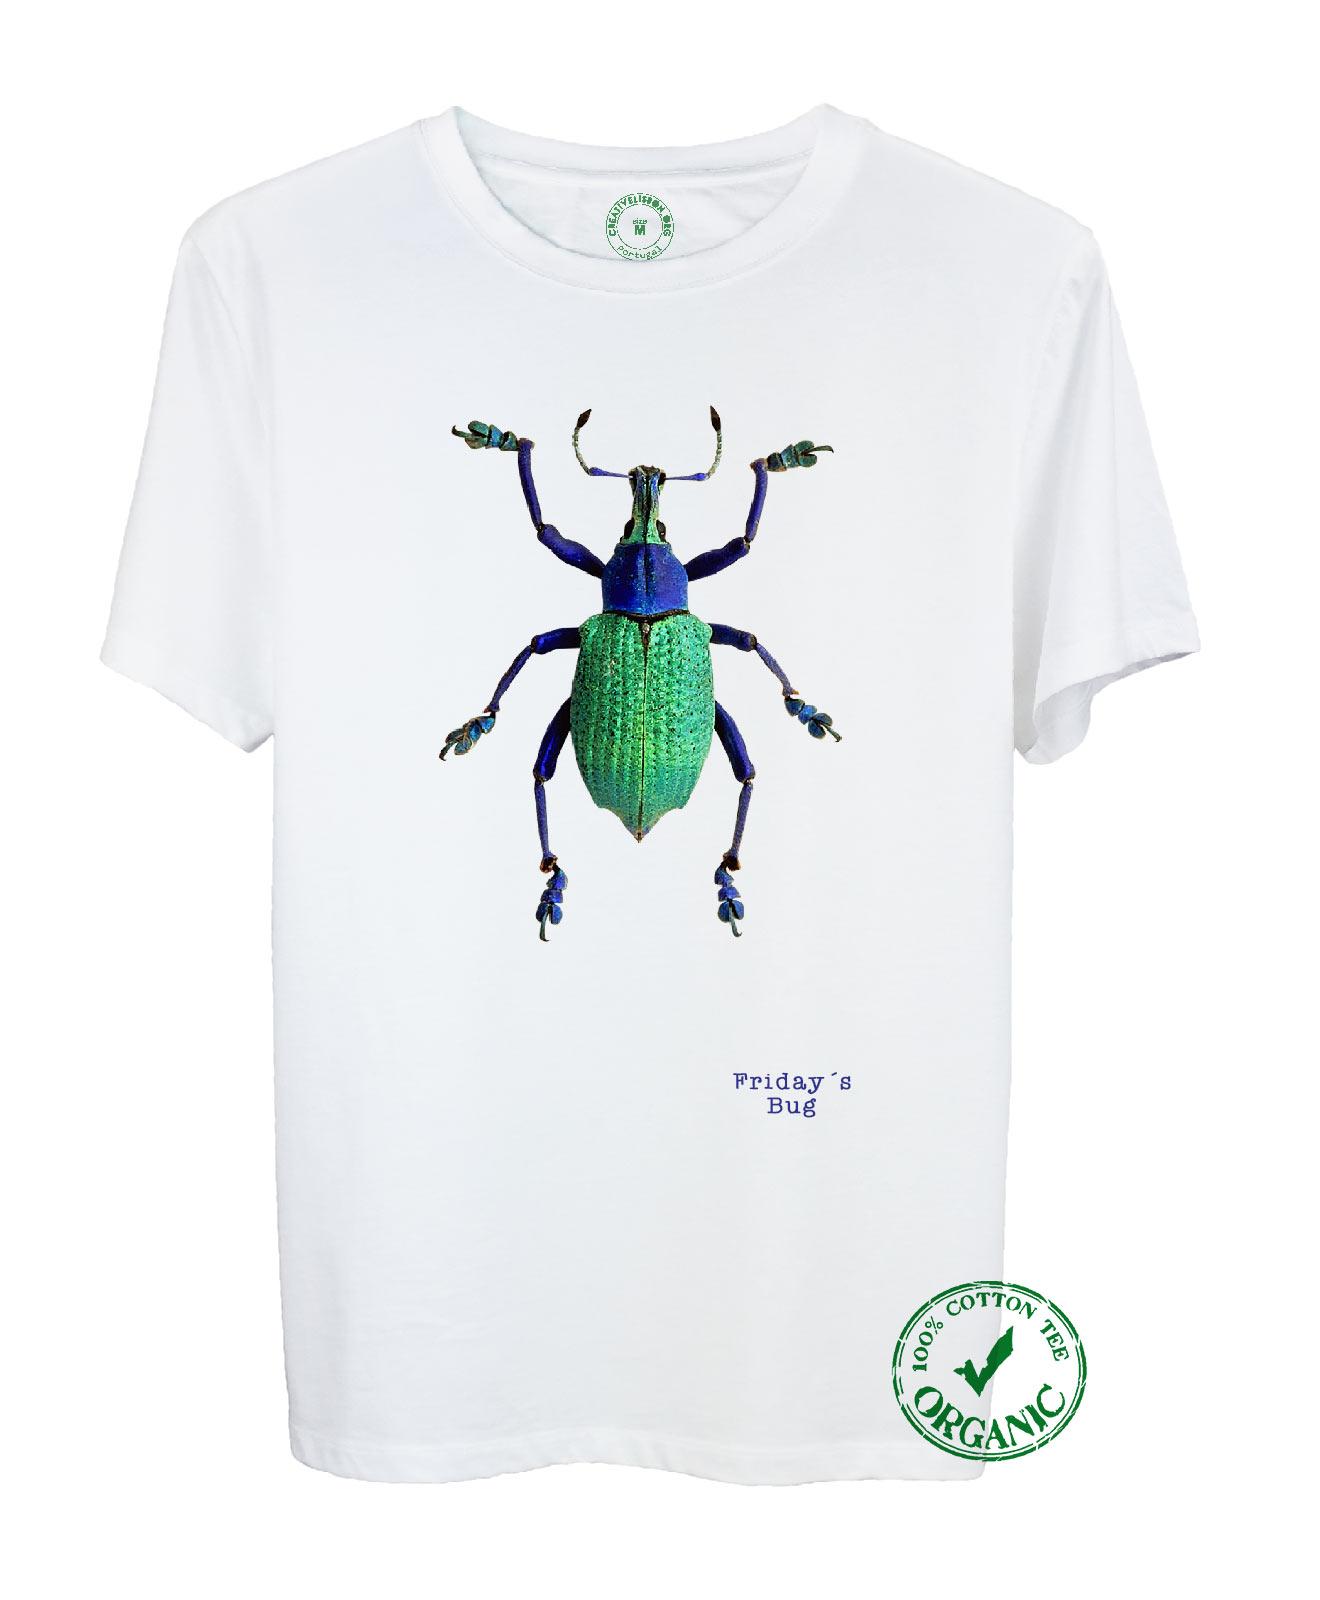 Friday Bug Organic T-shirt